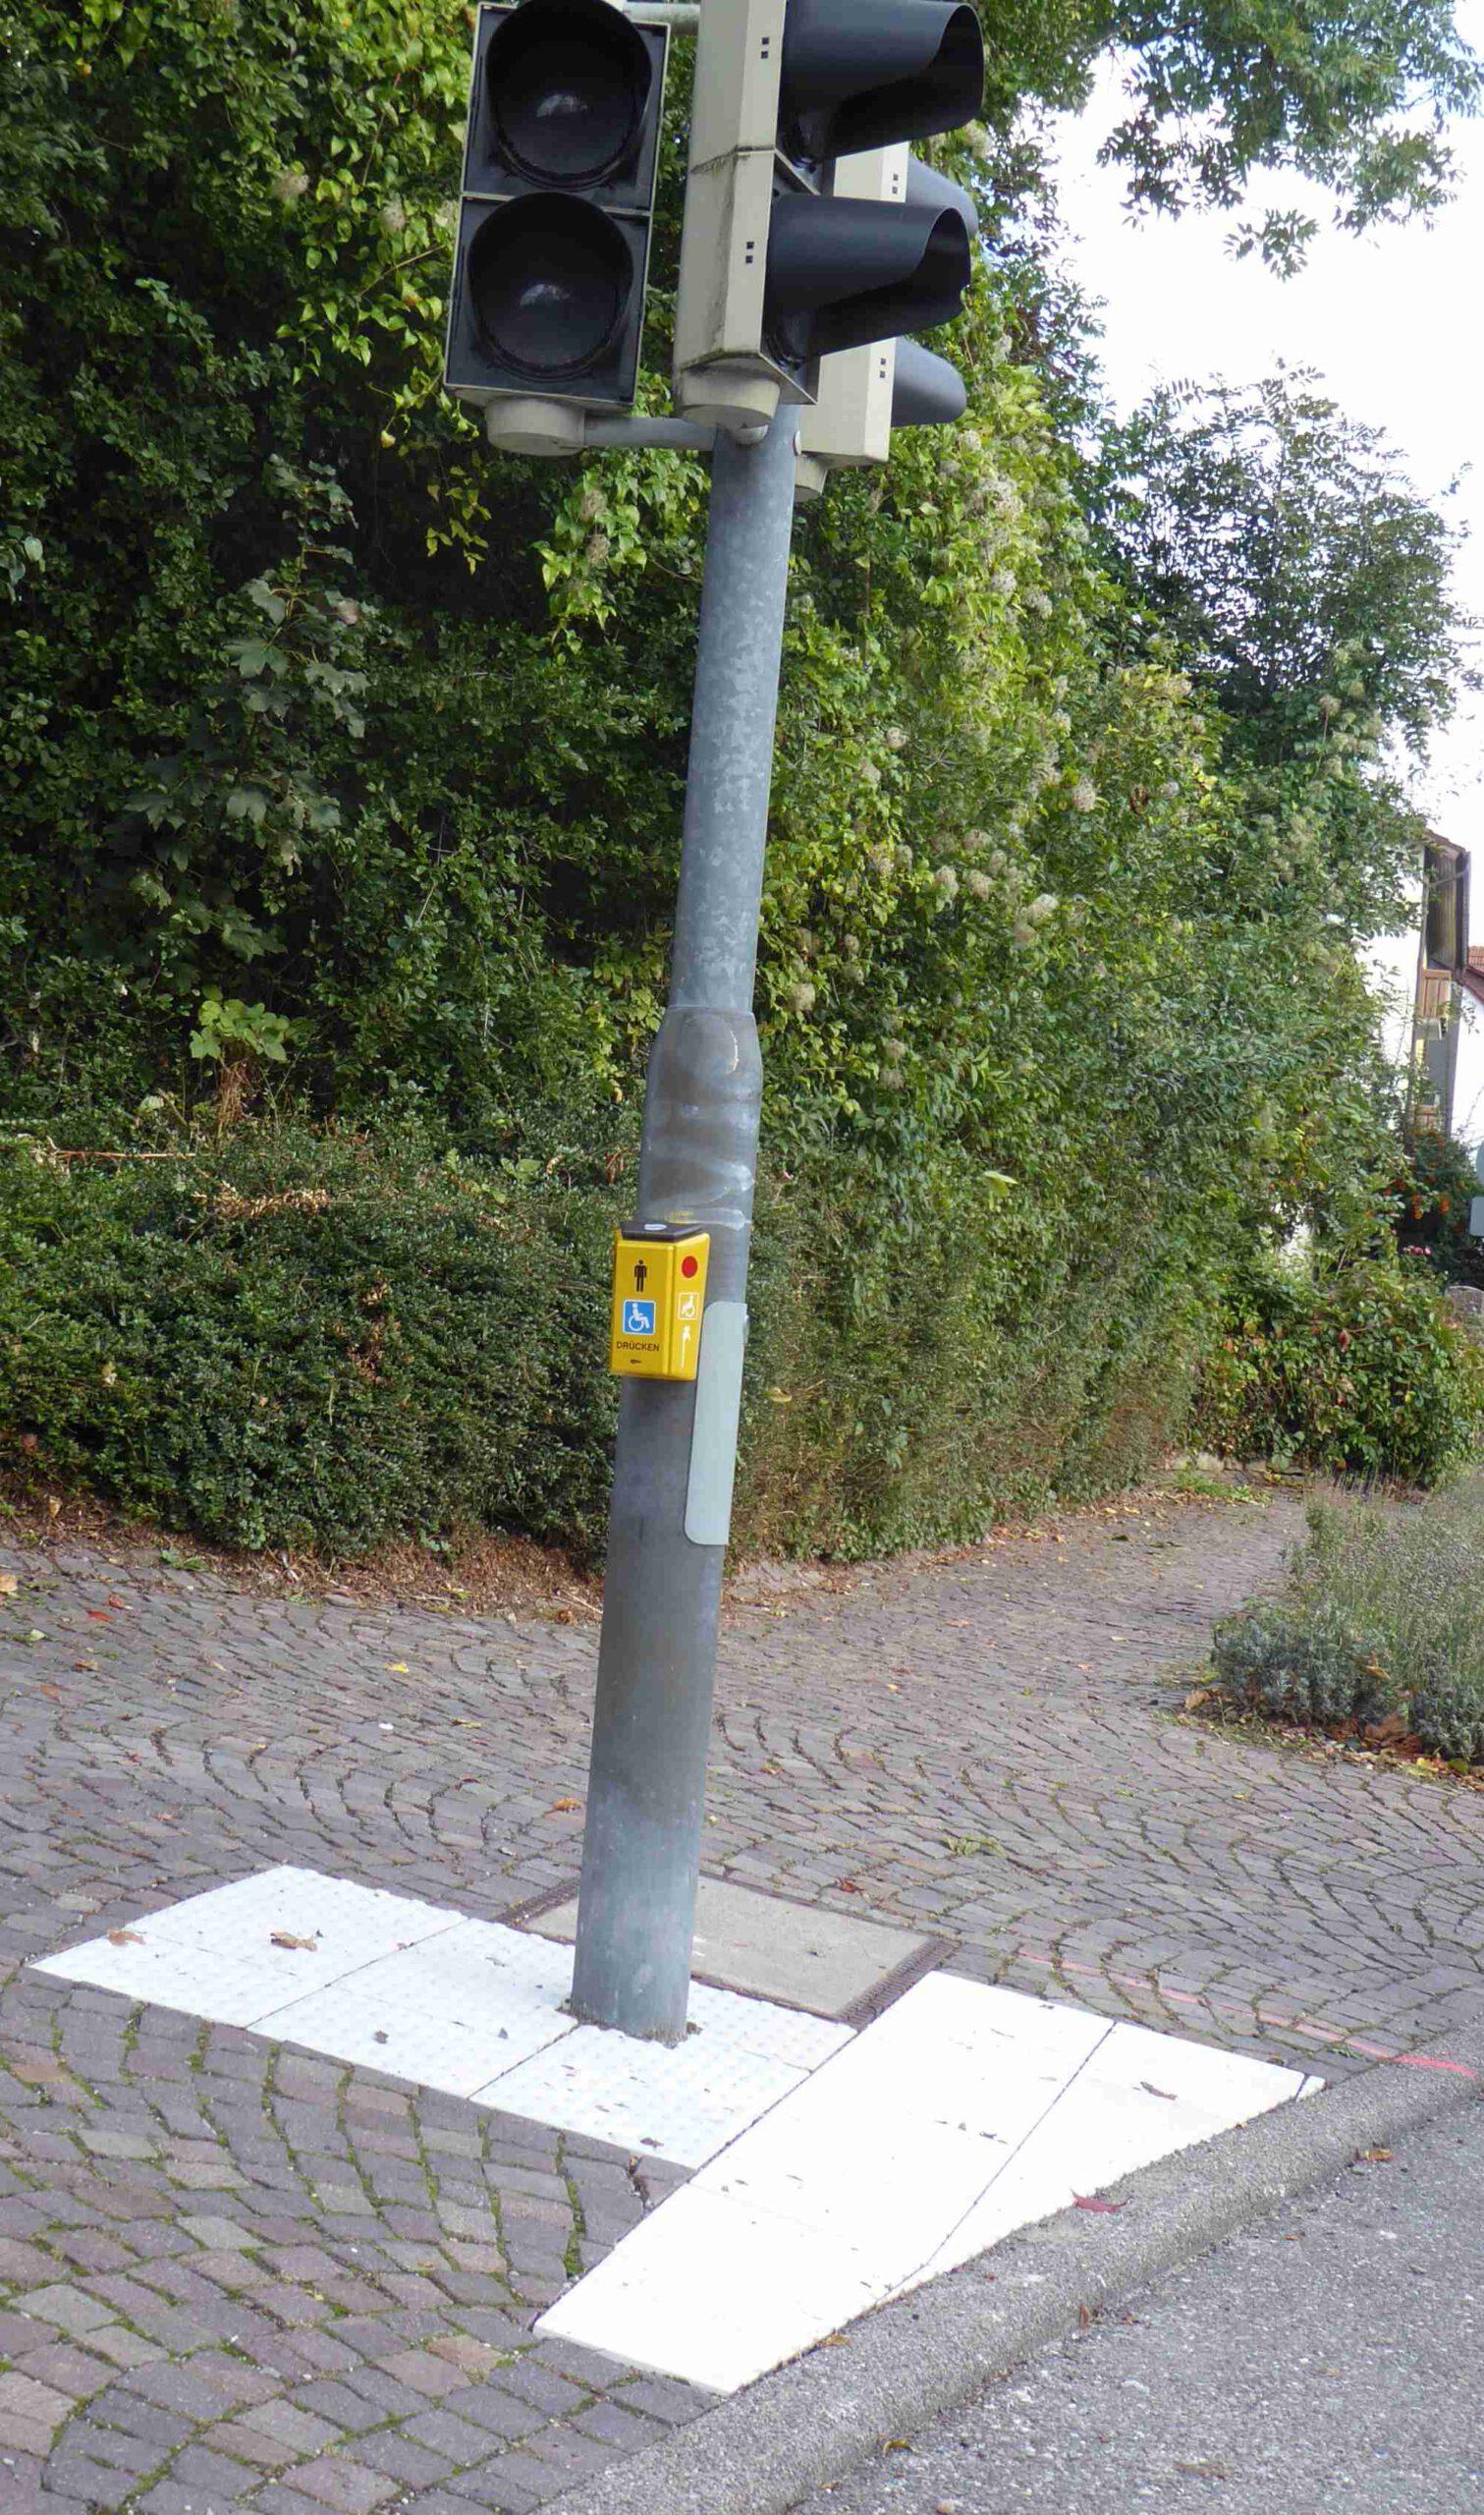 Aufmerksamkeitsstreifen an der Fußgängerampel bei der Quelle.